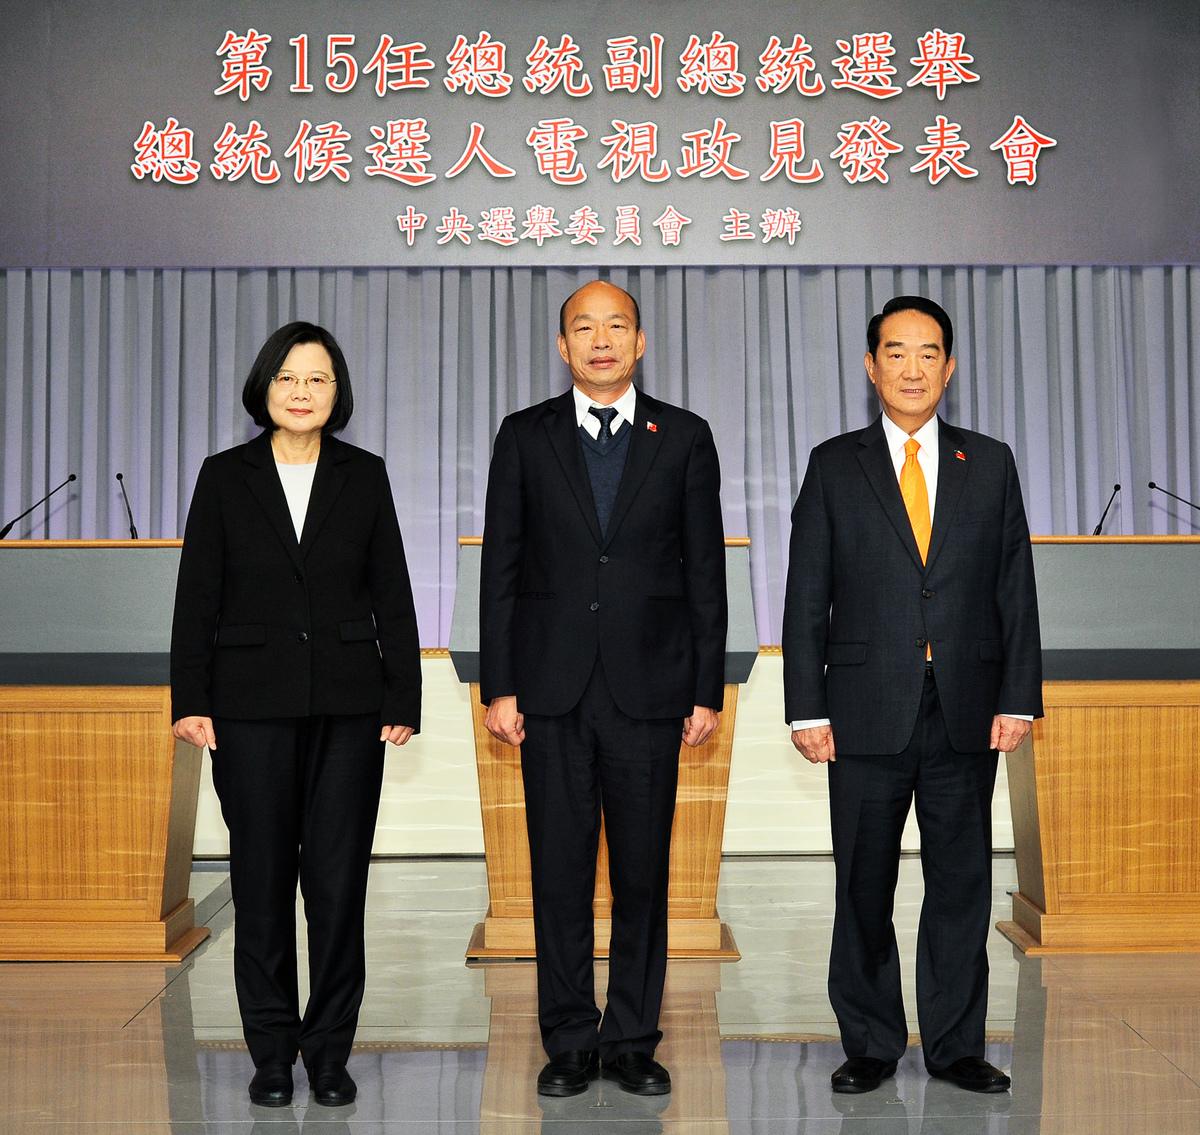 距離2020總統大選剩下16天,最後一場第15任中華民國總統候選人電視政見發表會12月27日晚間7時於台視舉行。 (中選會提供)